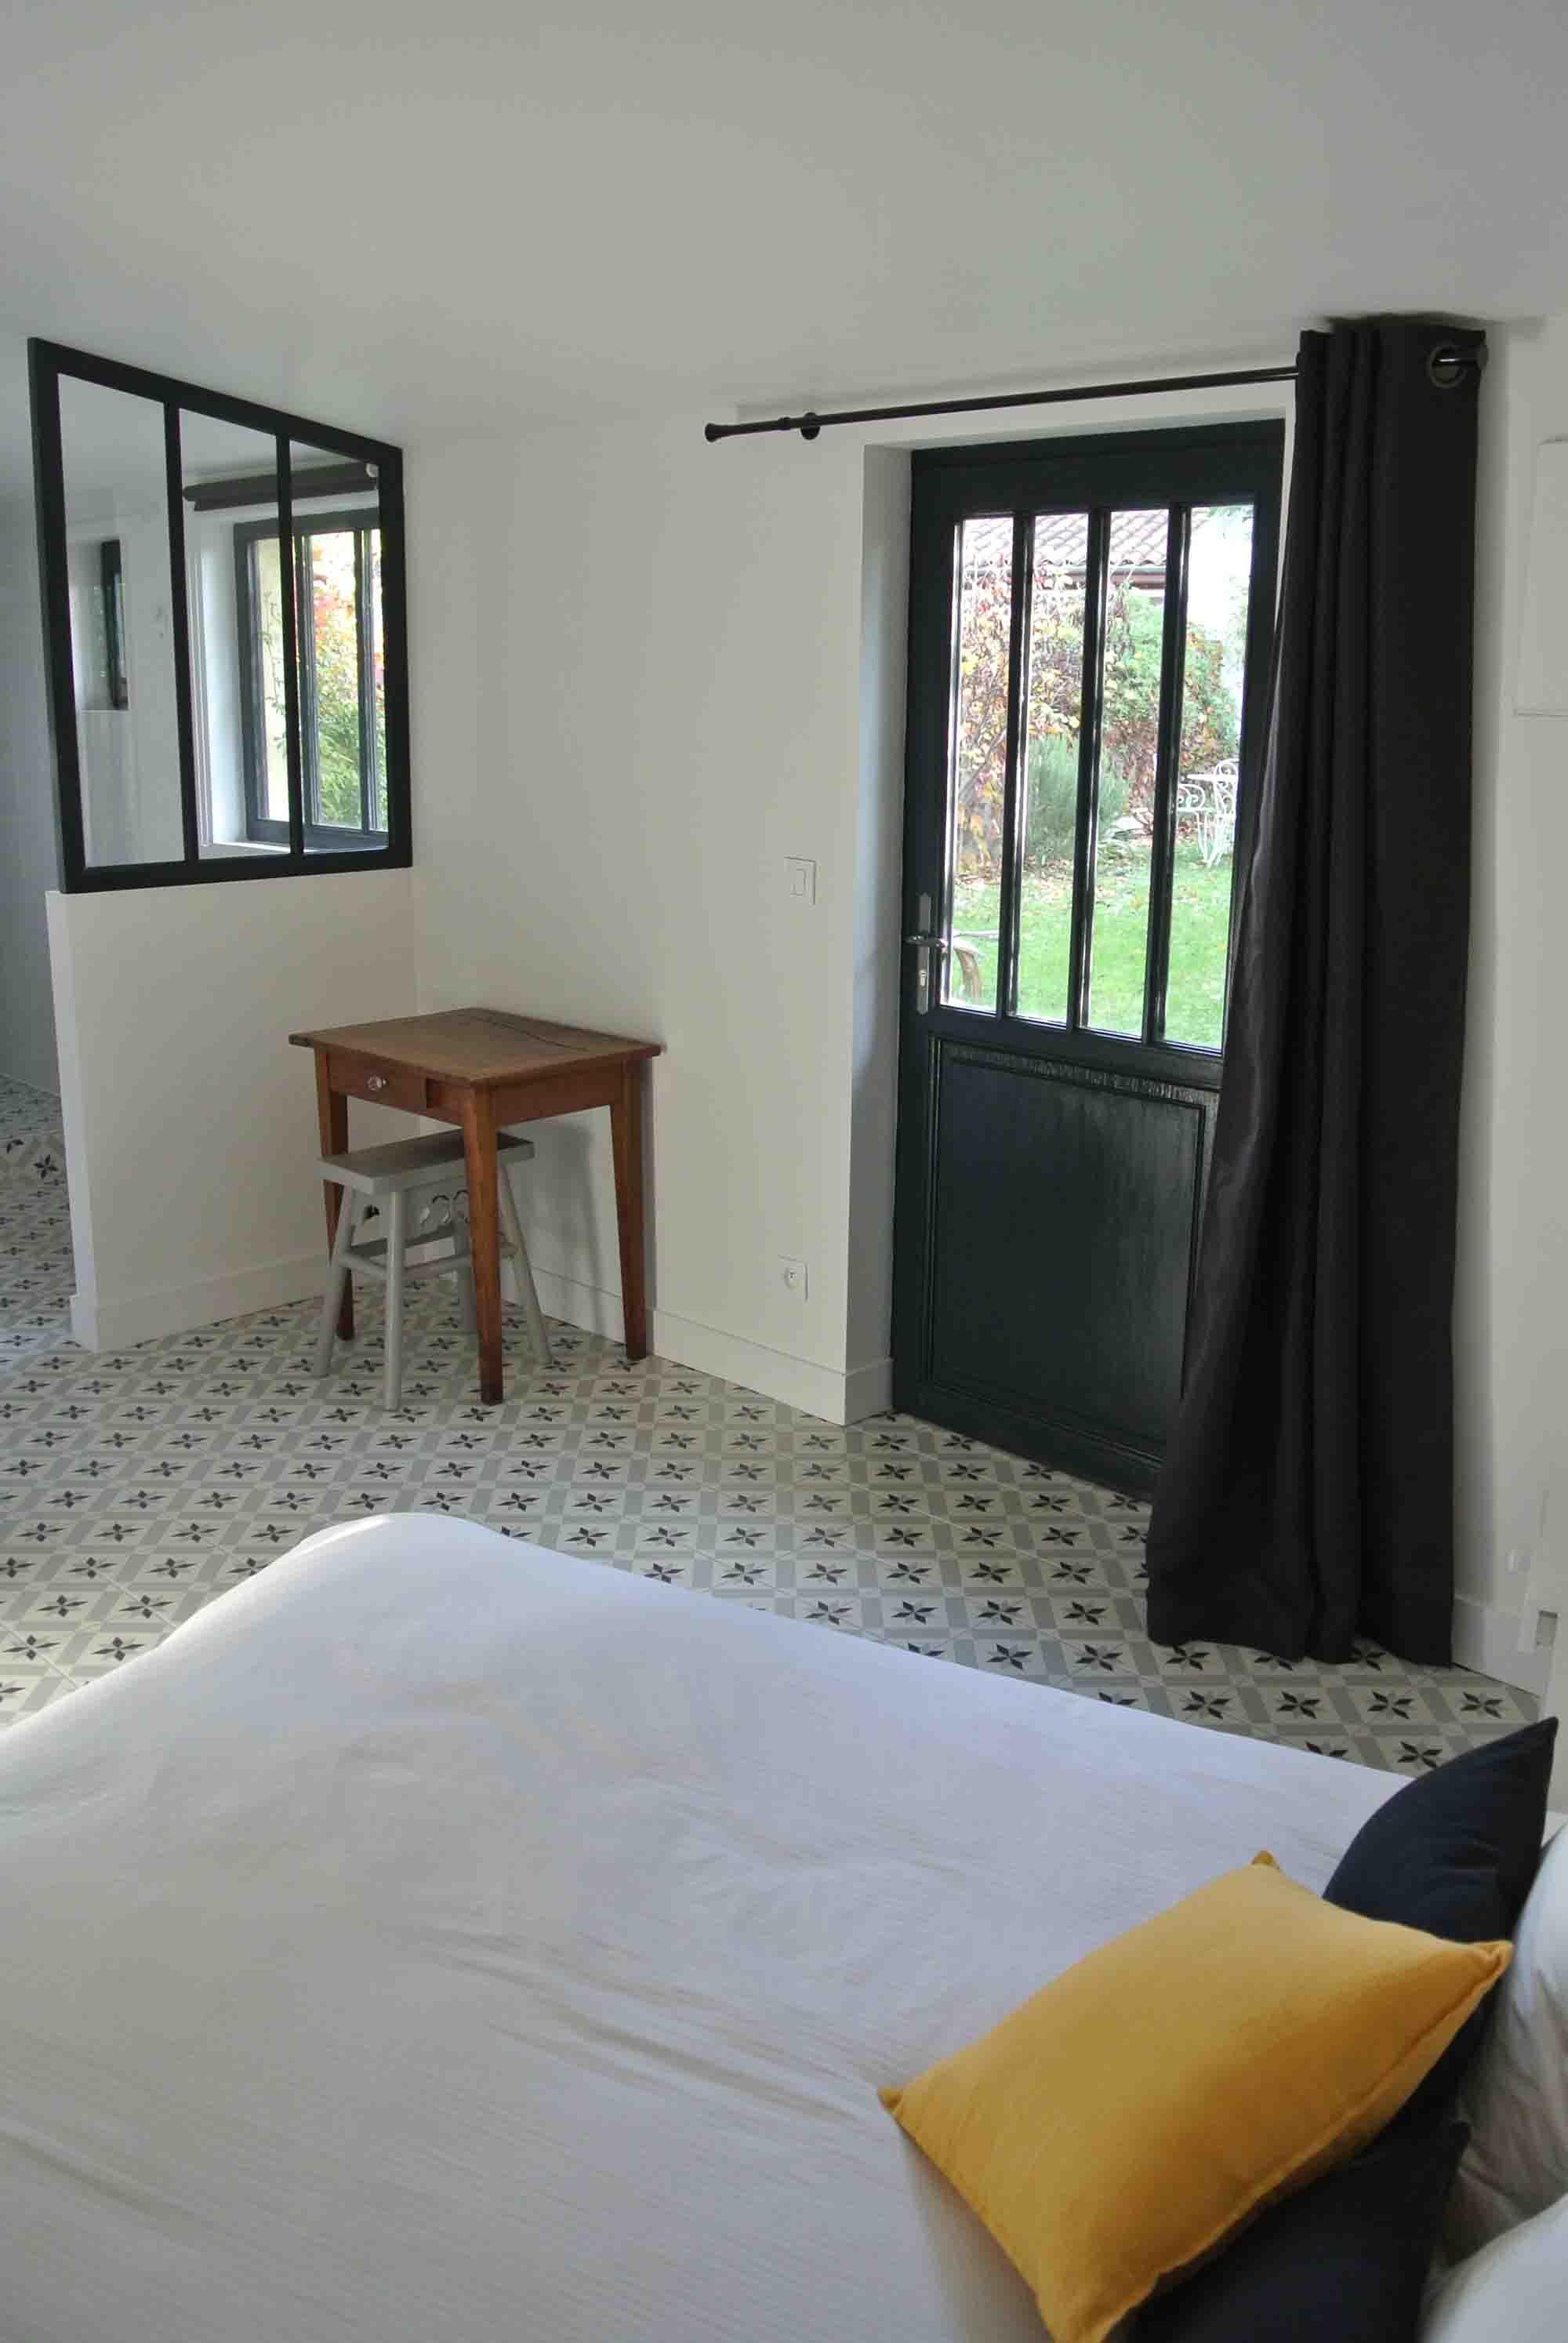 Driehoekige slaapkamer met badkamer en suite